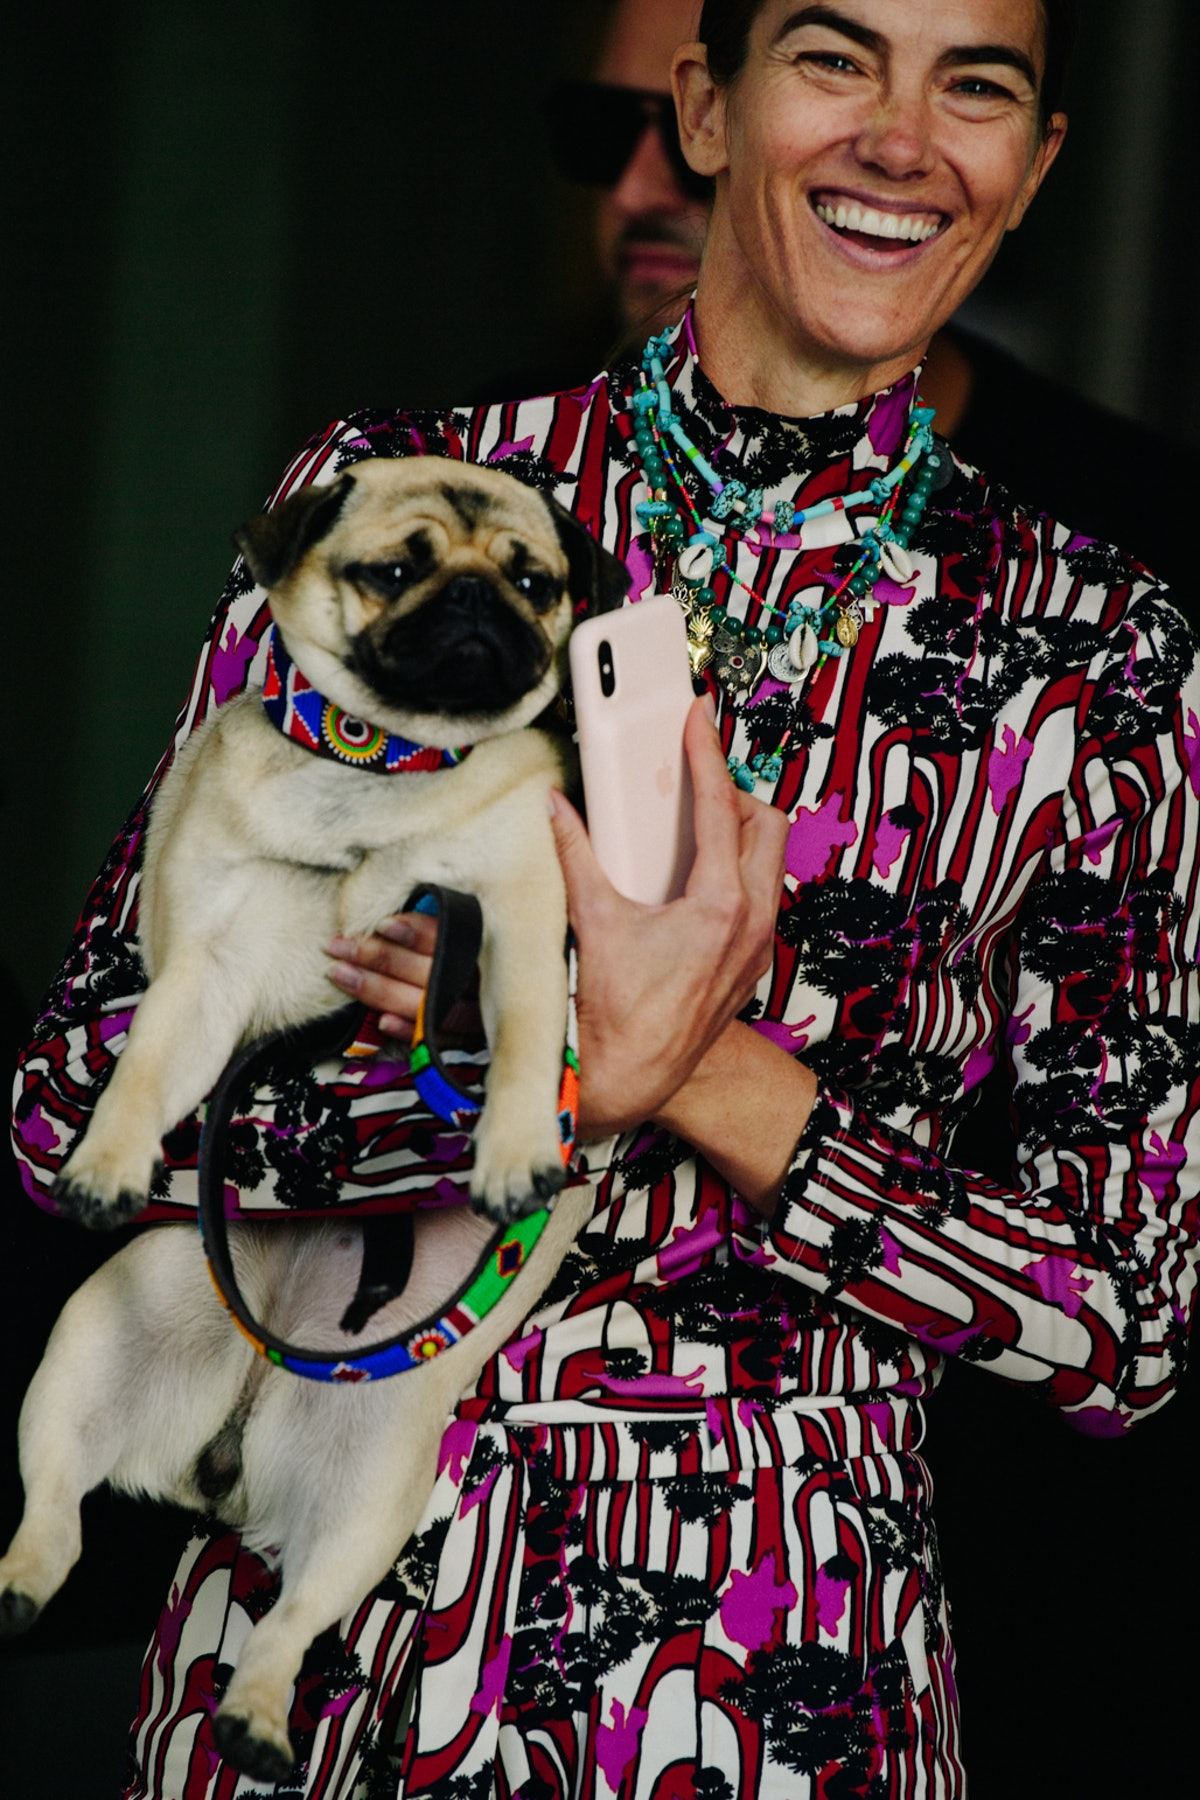 Adam-Katz-Sinding-W-Magazine-Milan-Fashion-Week-Spring-Summer-2020_AKS1738.jpg